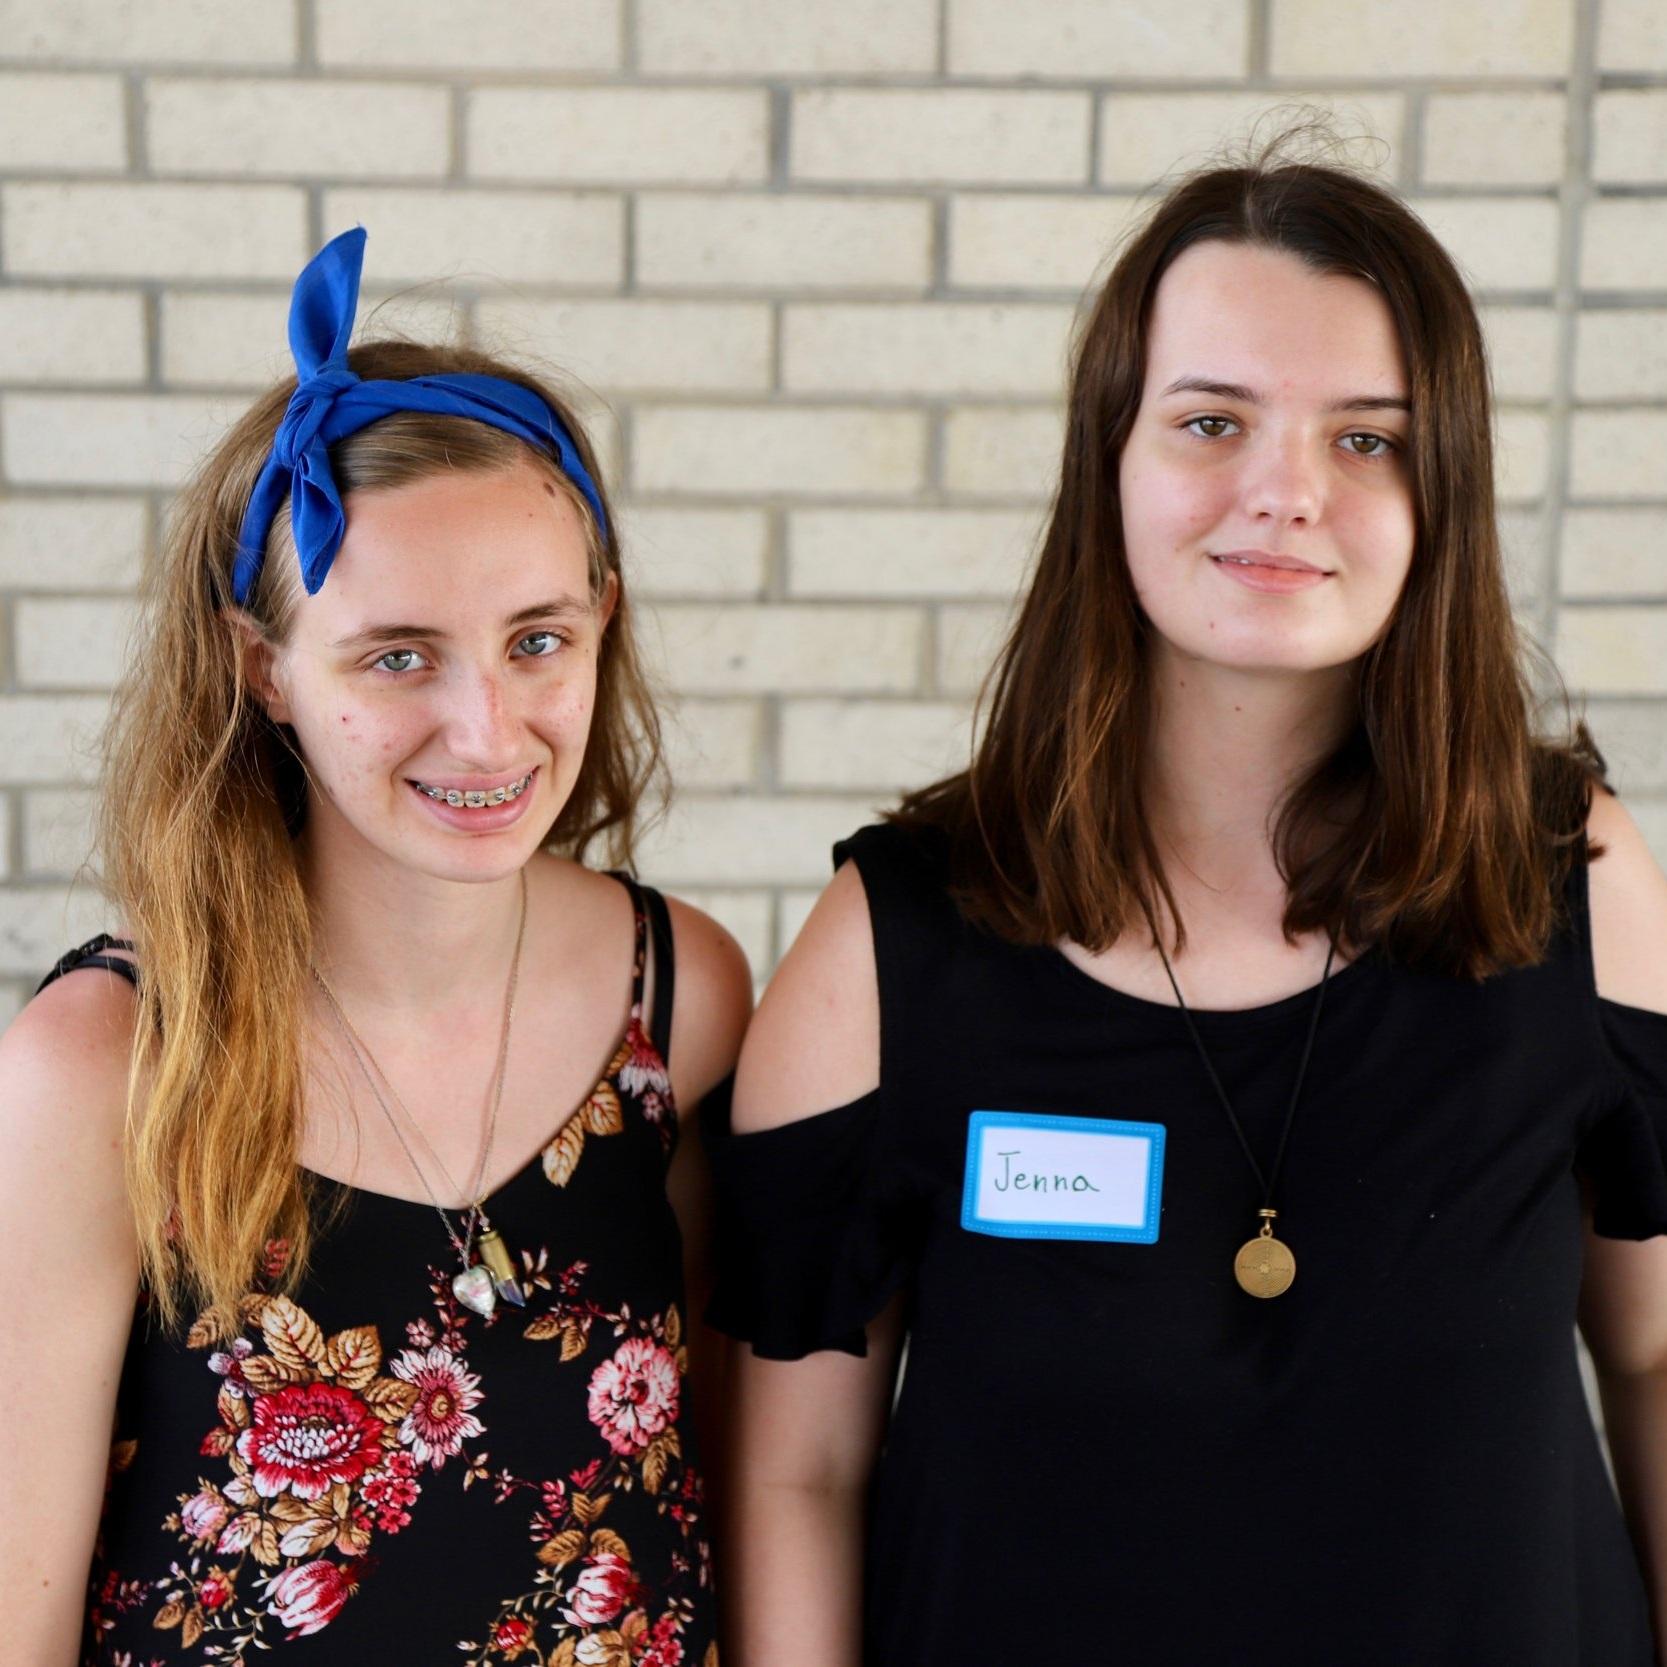 Sydney Webb & Jenna Carder, Northern High School Culinary Program